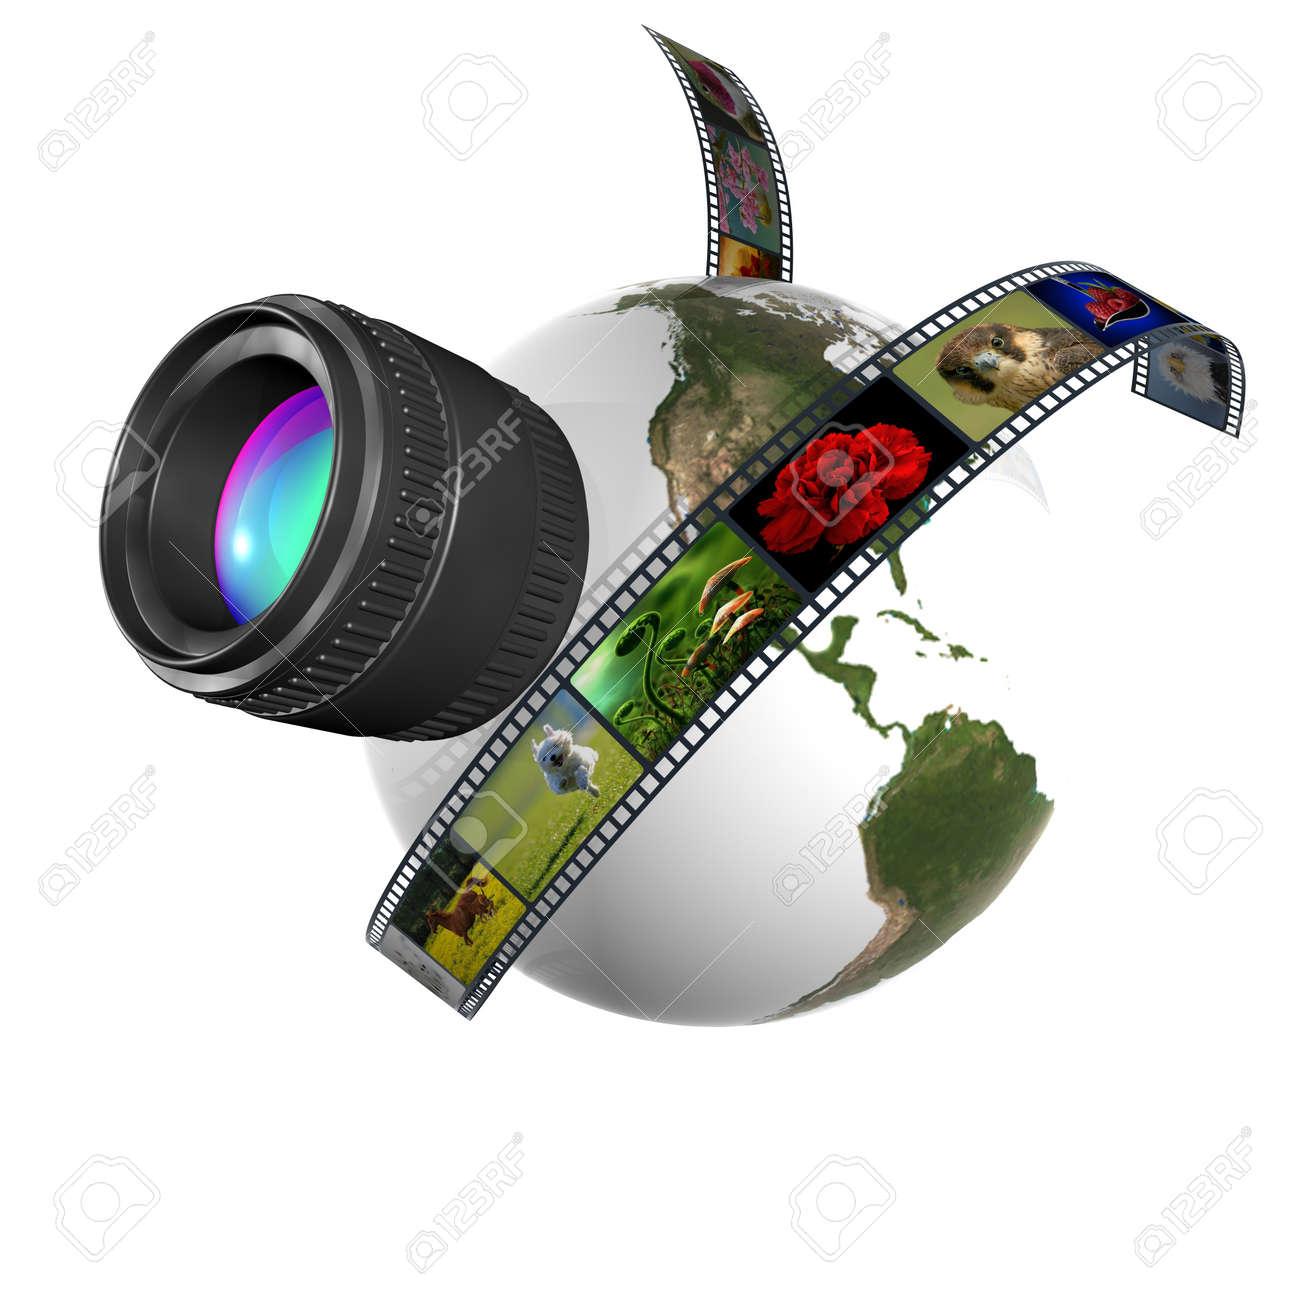 film 3d Stock Photo - 13912573